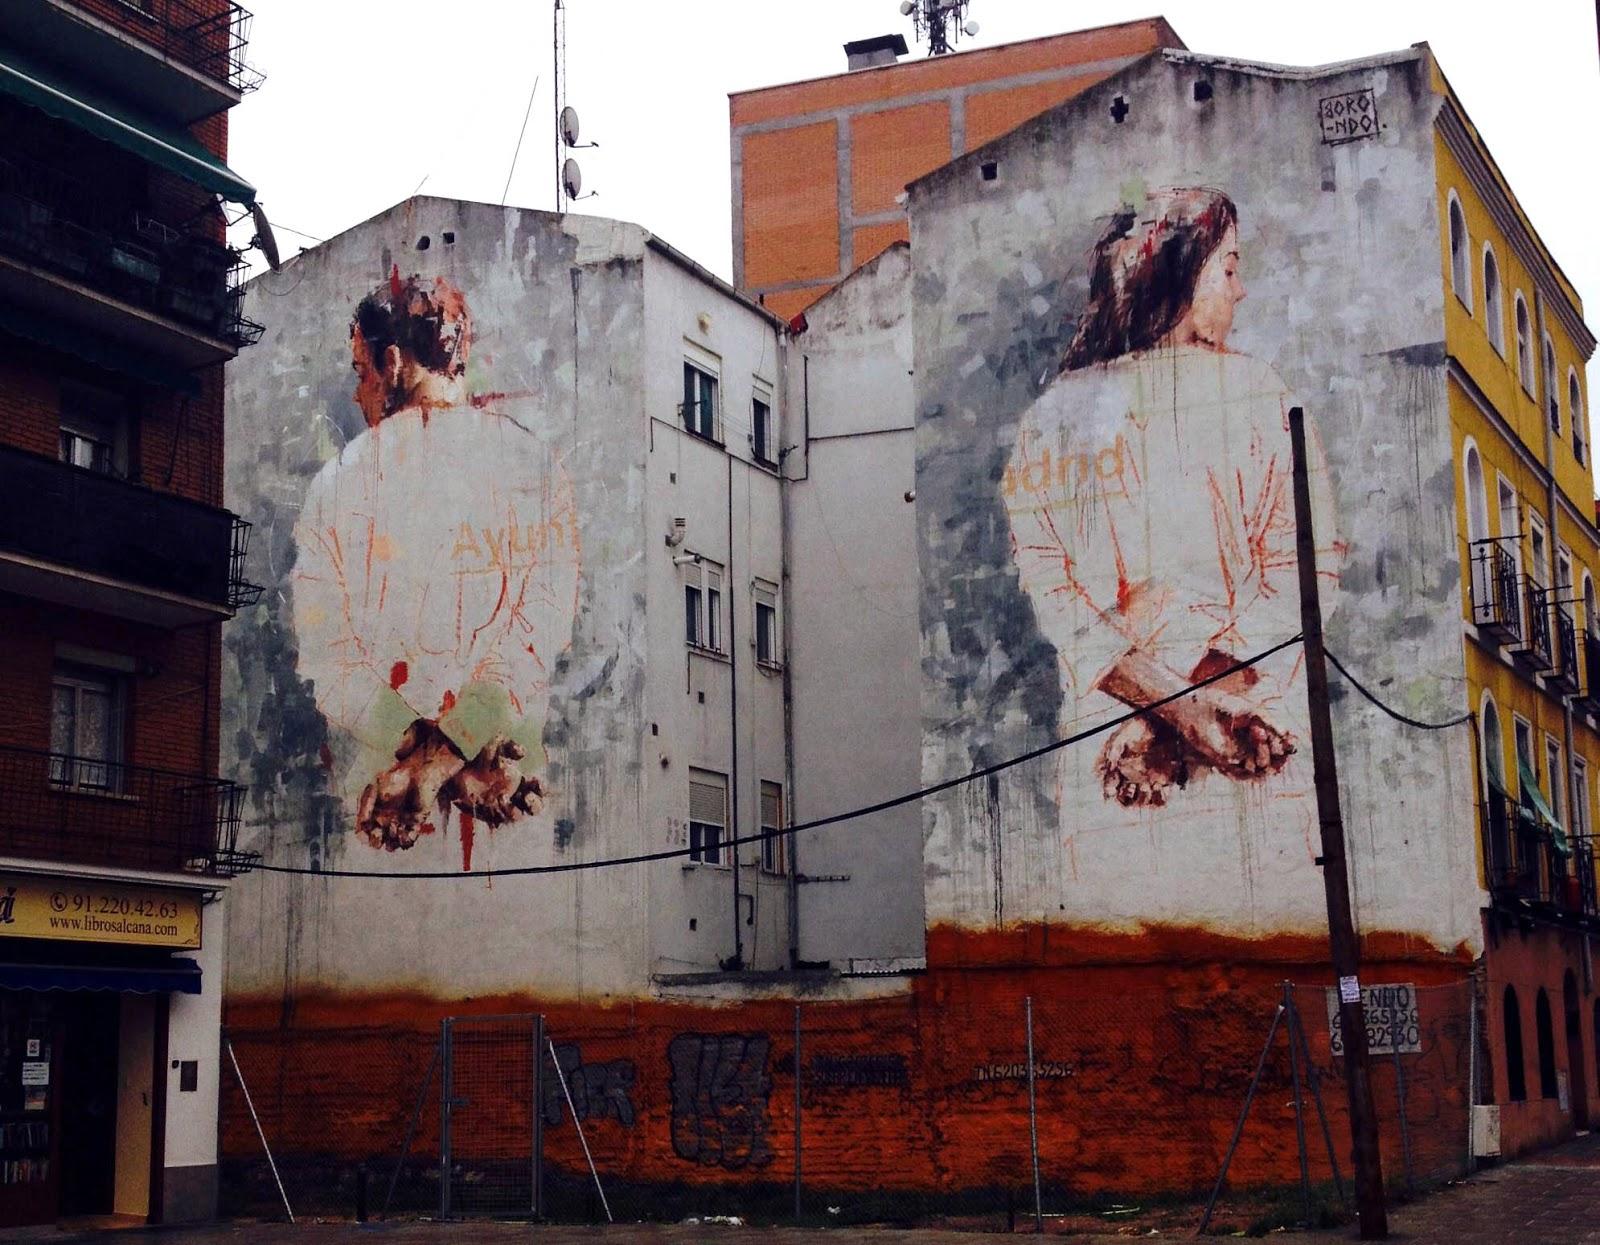 Borondo - Pittore e street artist spagnolo il cui stile mescola pittura e incisione